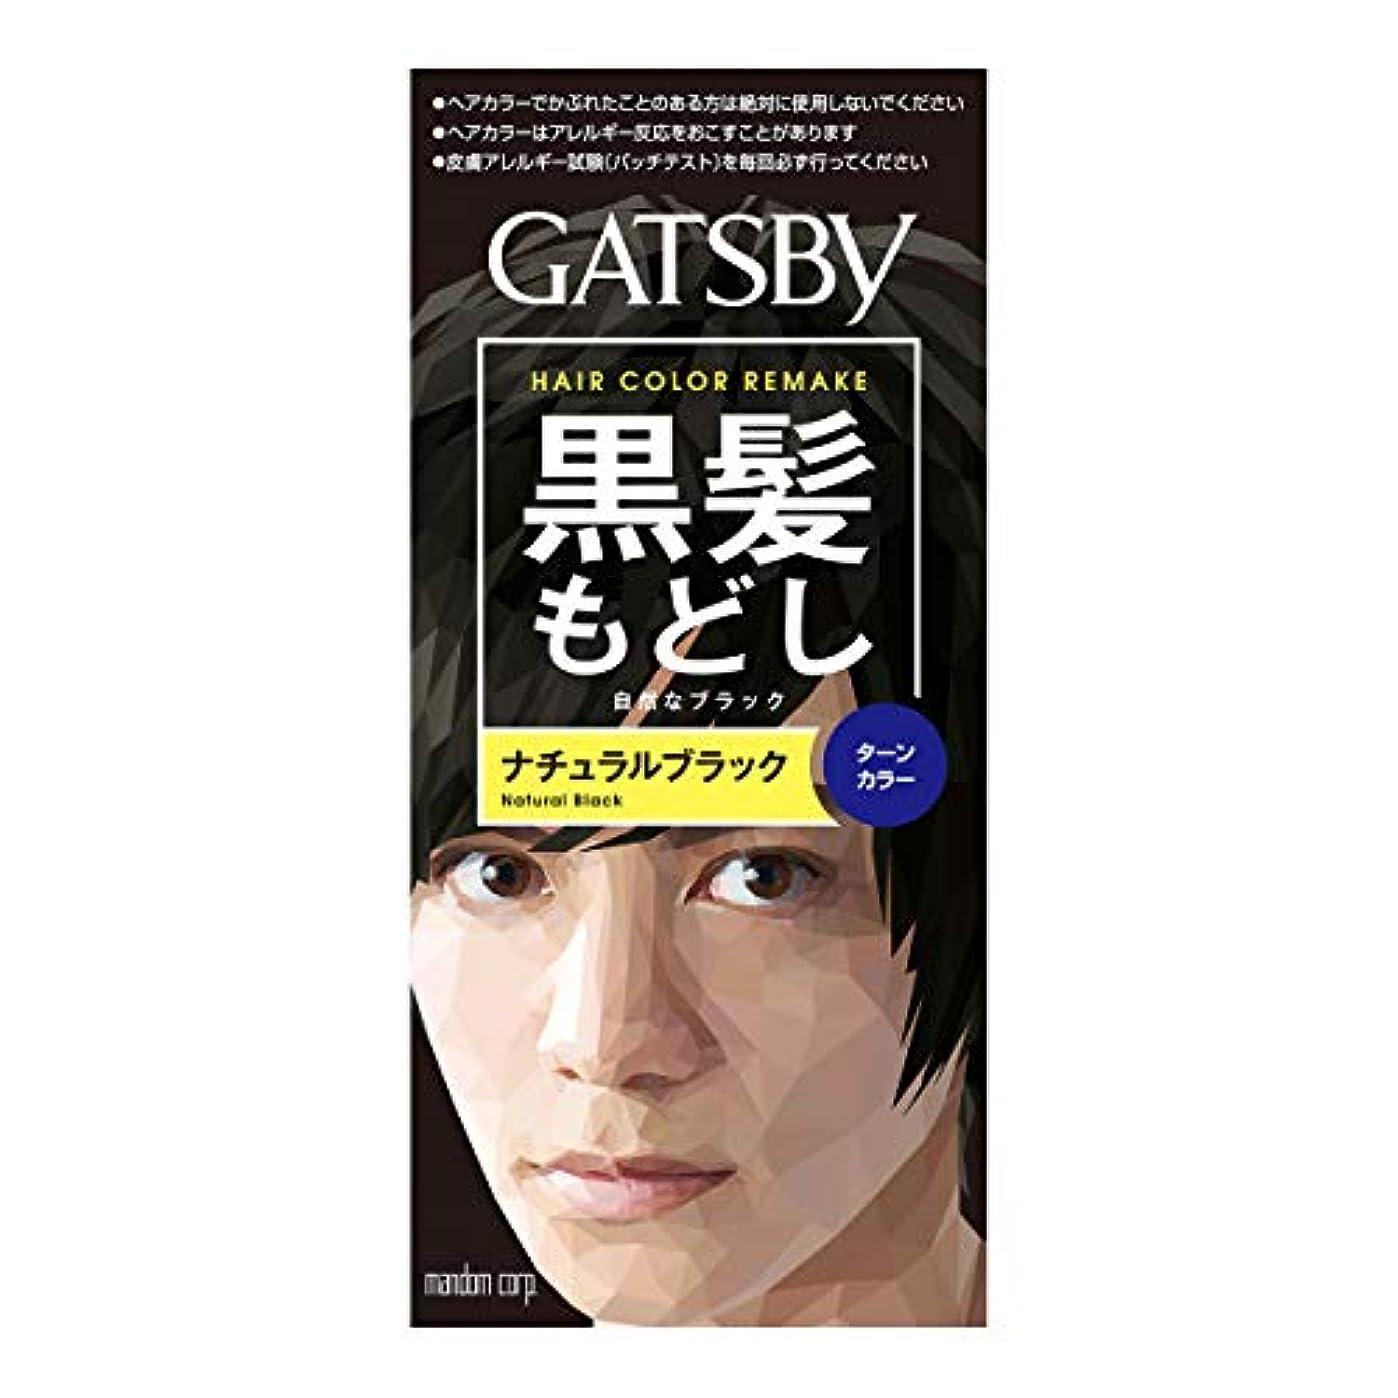 買い物に行く収益謎GATSBY(ギャツビー) ターンカラー ナチュラルブラック 1剤35g 2剤70mL (医薬部外品)